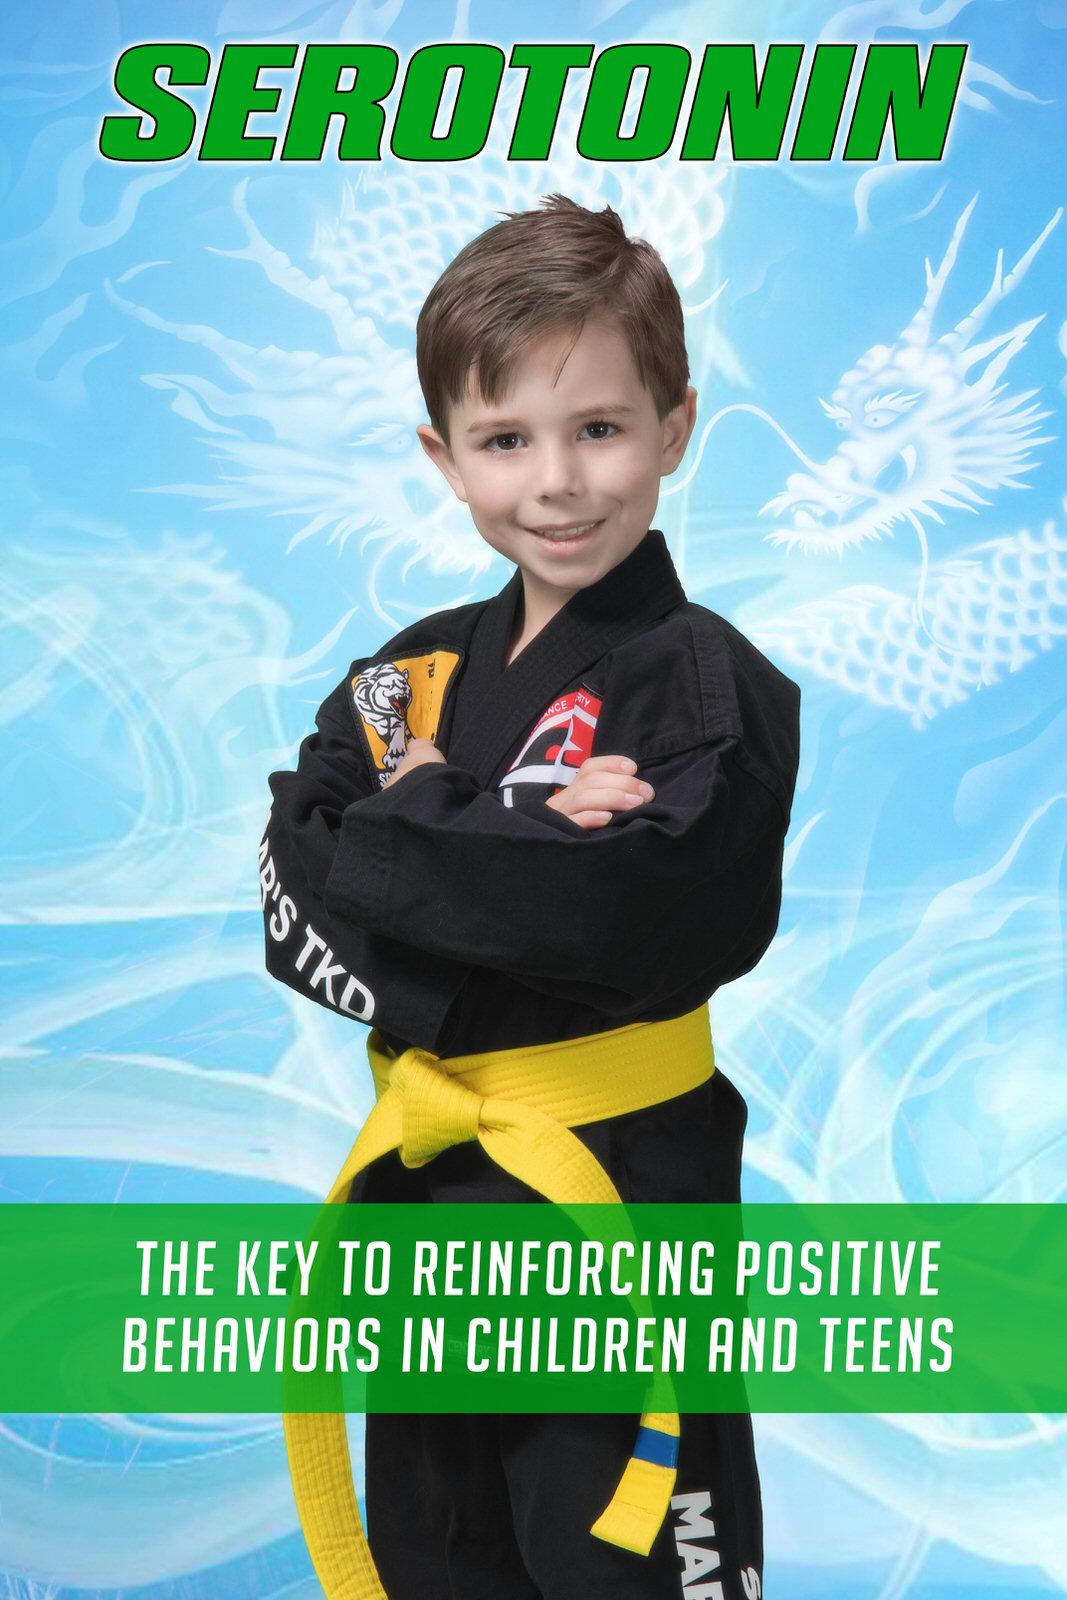 serotonin-in-children-spicars-martial-arts.jpg